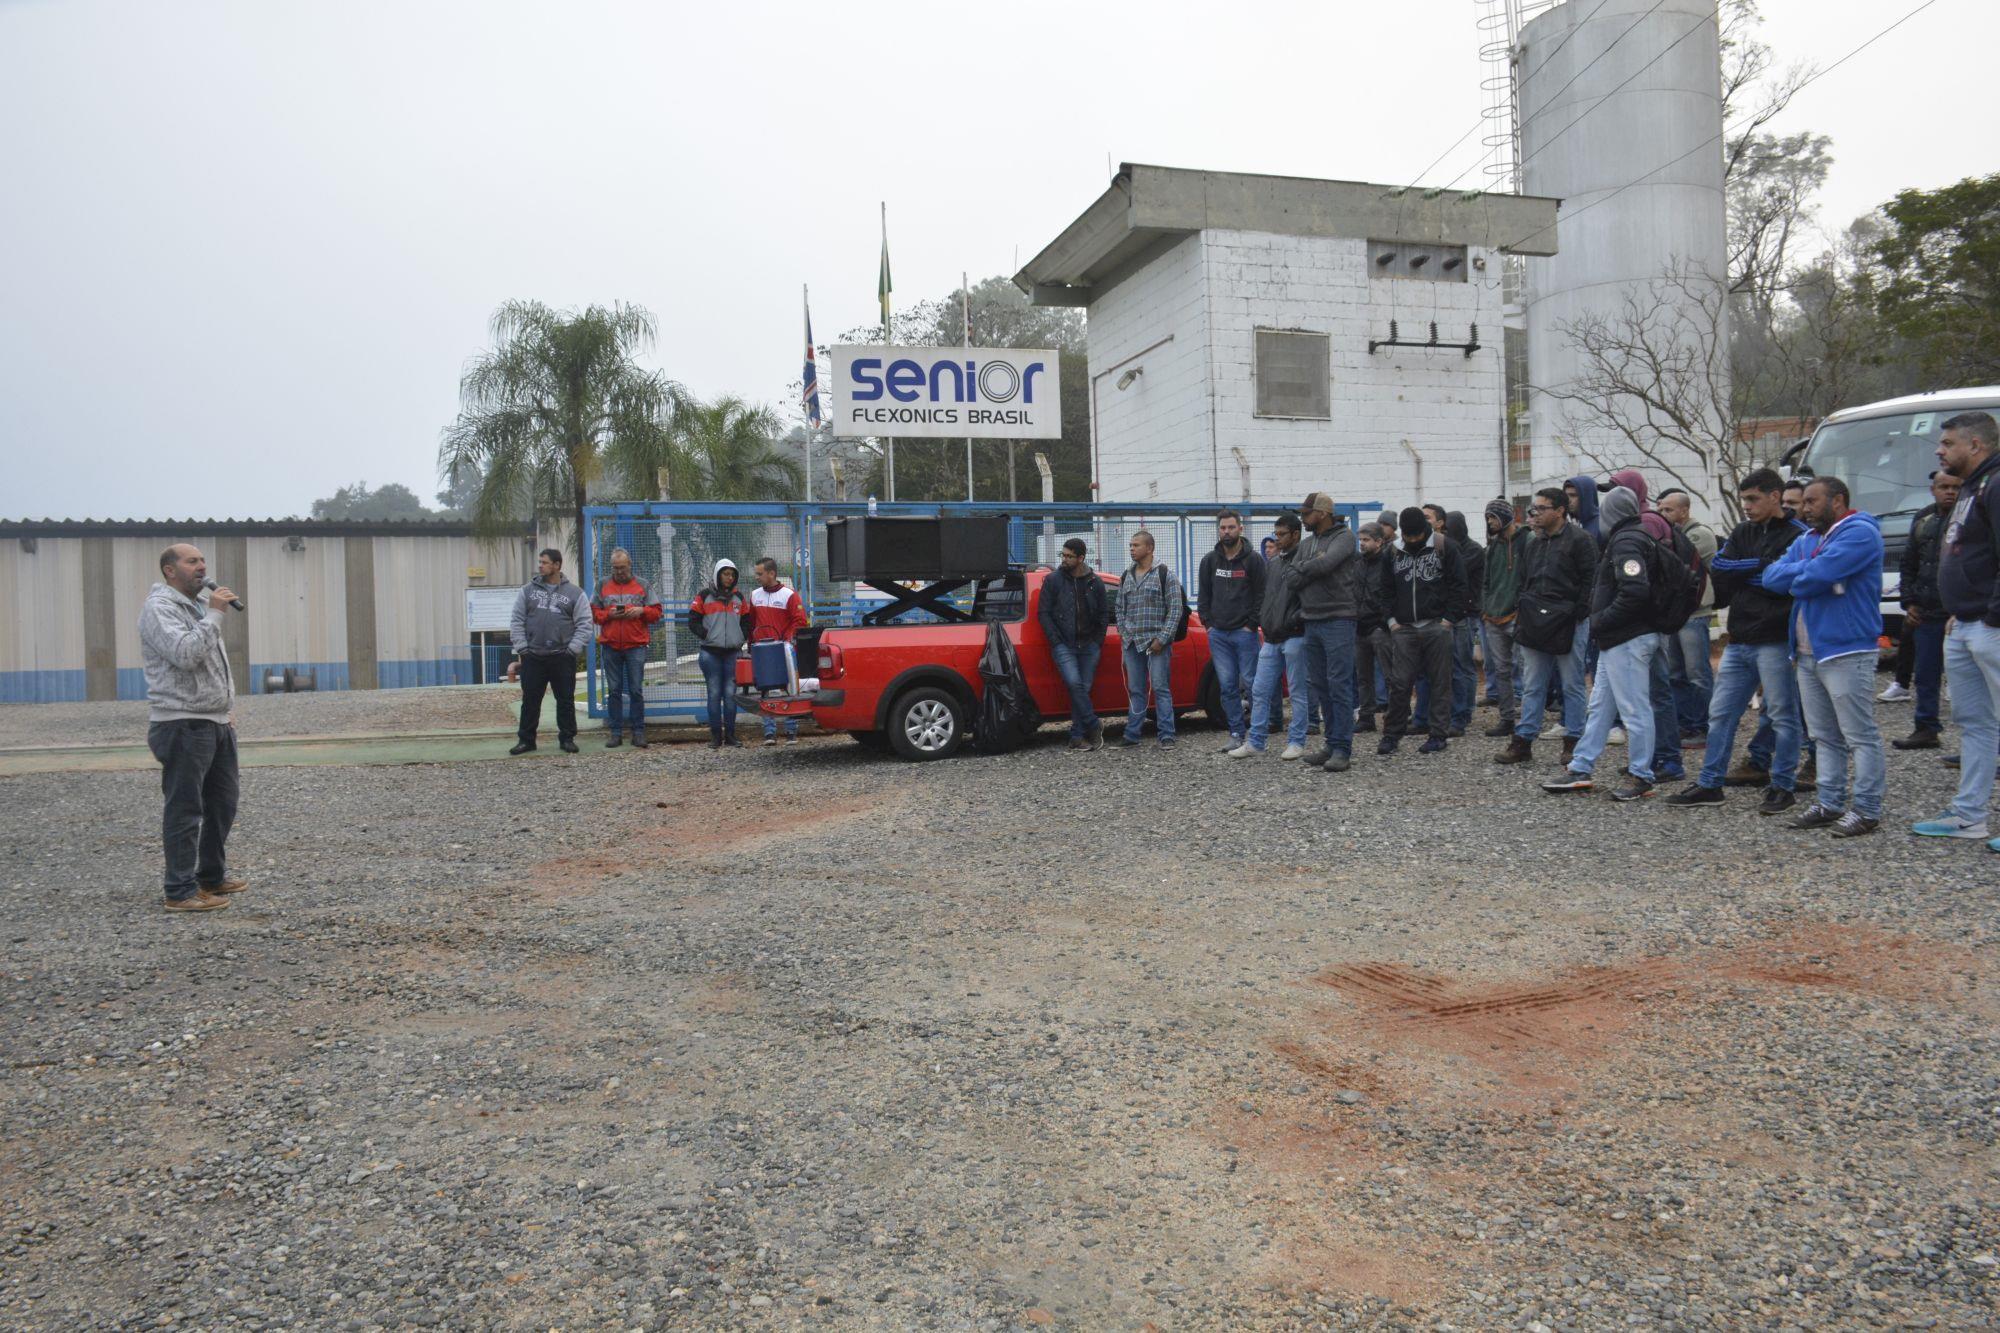 senior, farani, joão, assembleia, PPR, araçá, Foguinho/ Imprensa SMetal